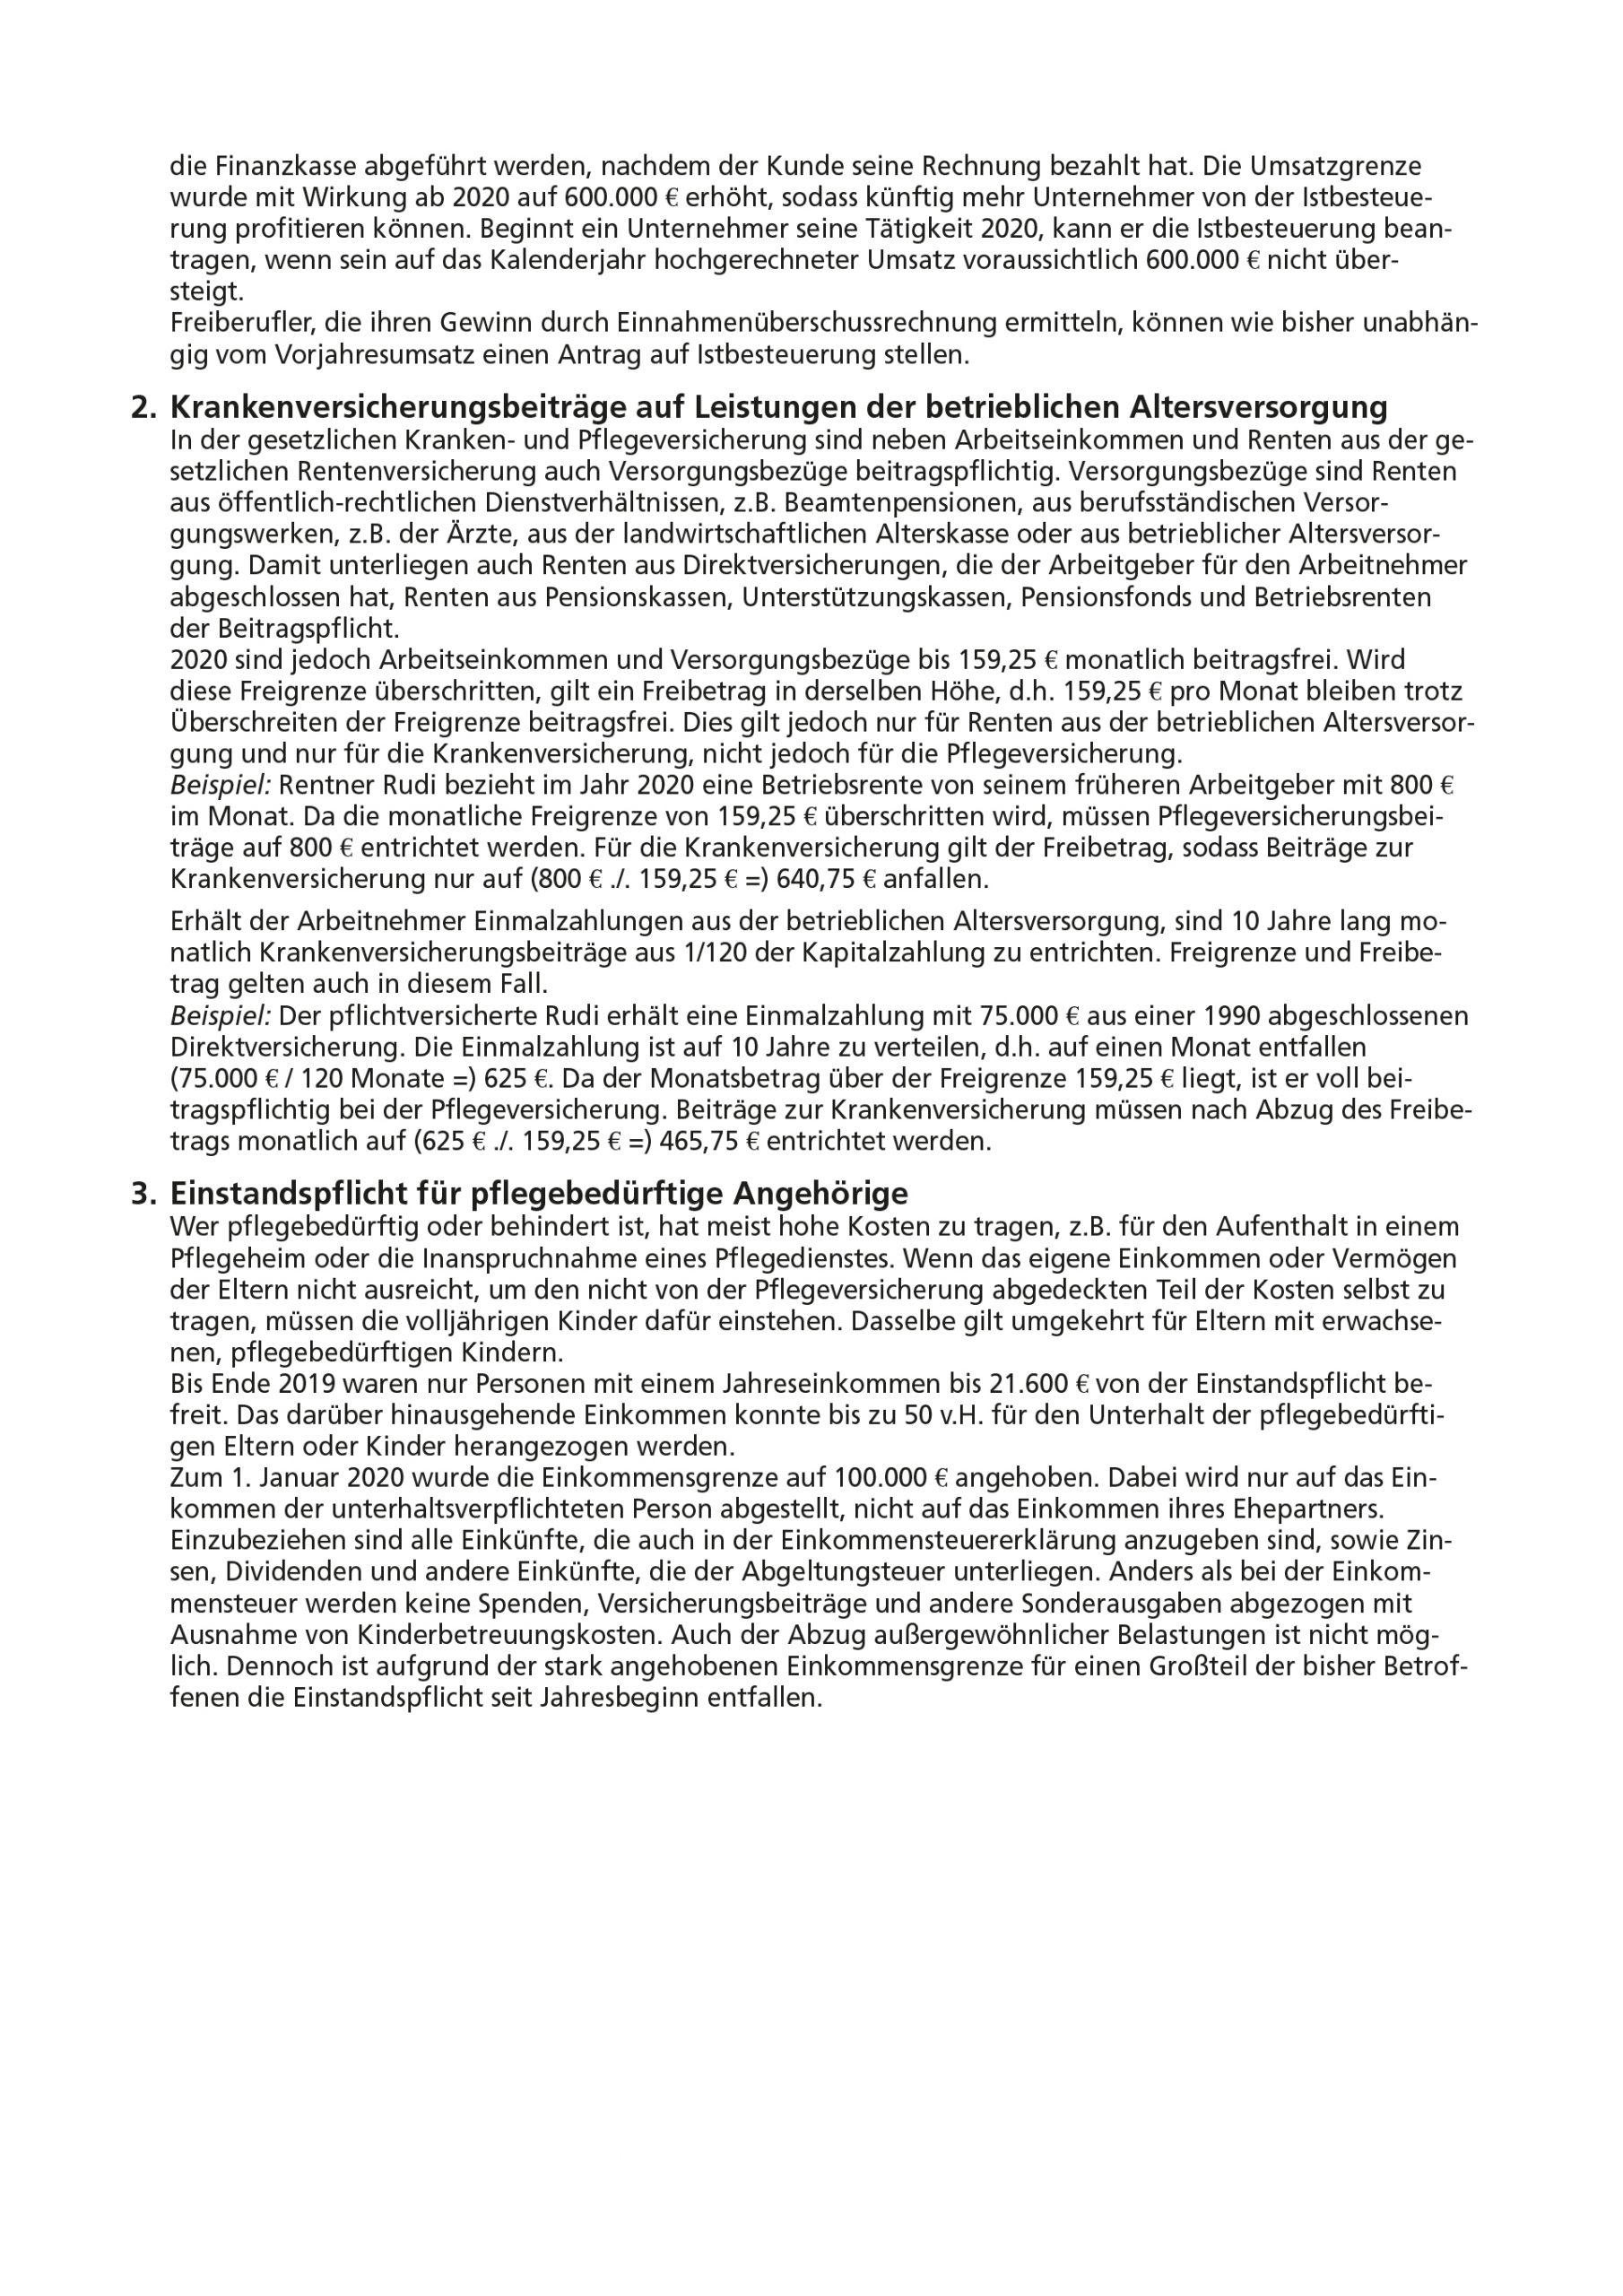 js-tax Steuerberatung Mandantenrundschreiben 2020-04 S6